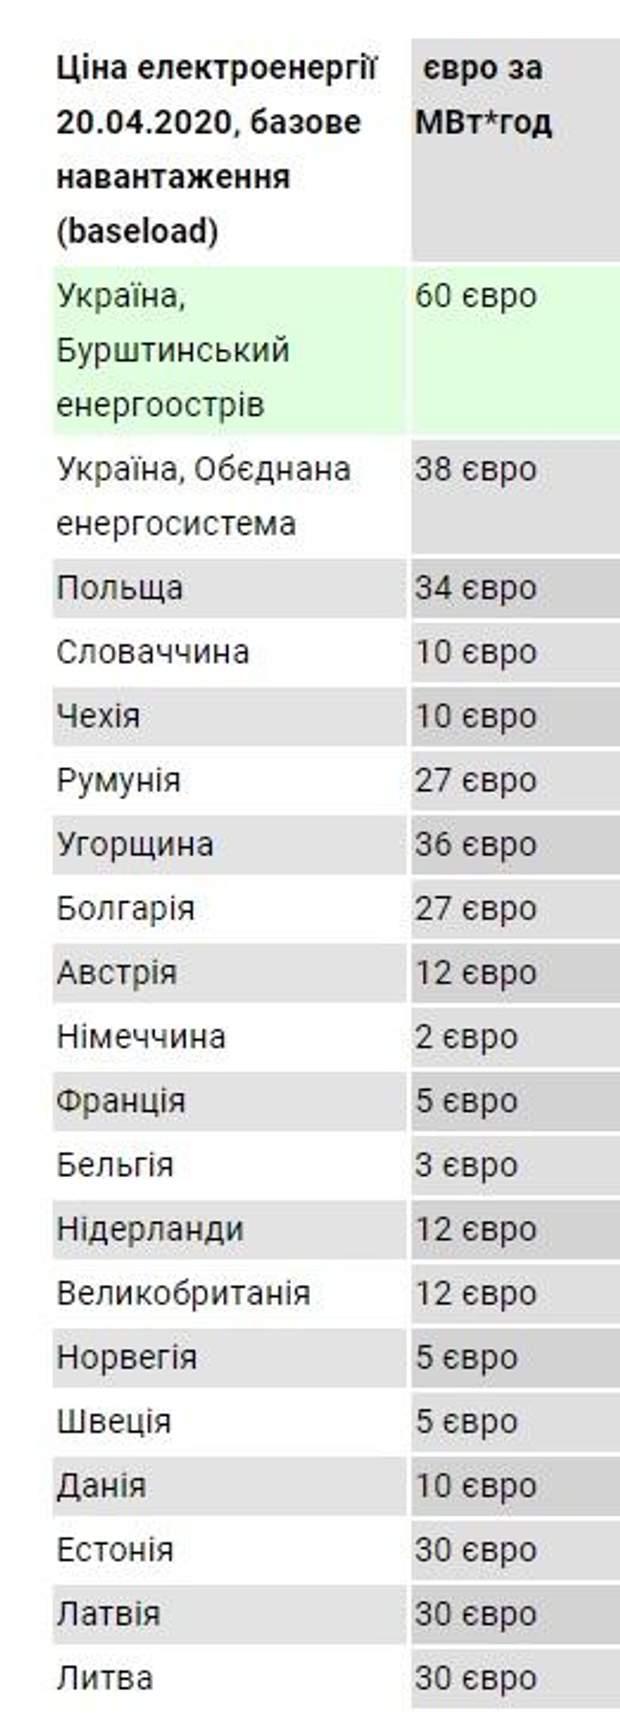 ціни на електроенергію в Європі та Україні